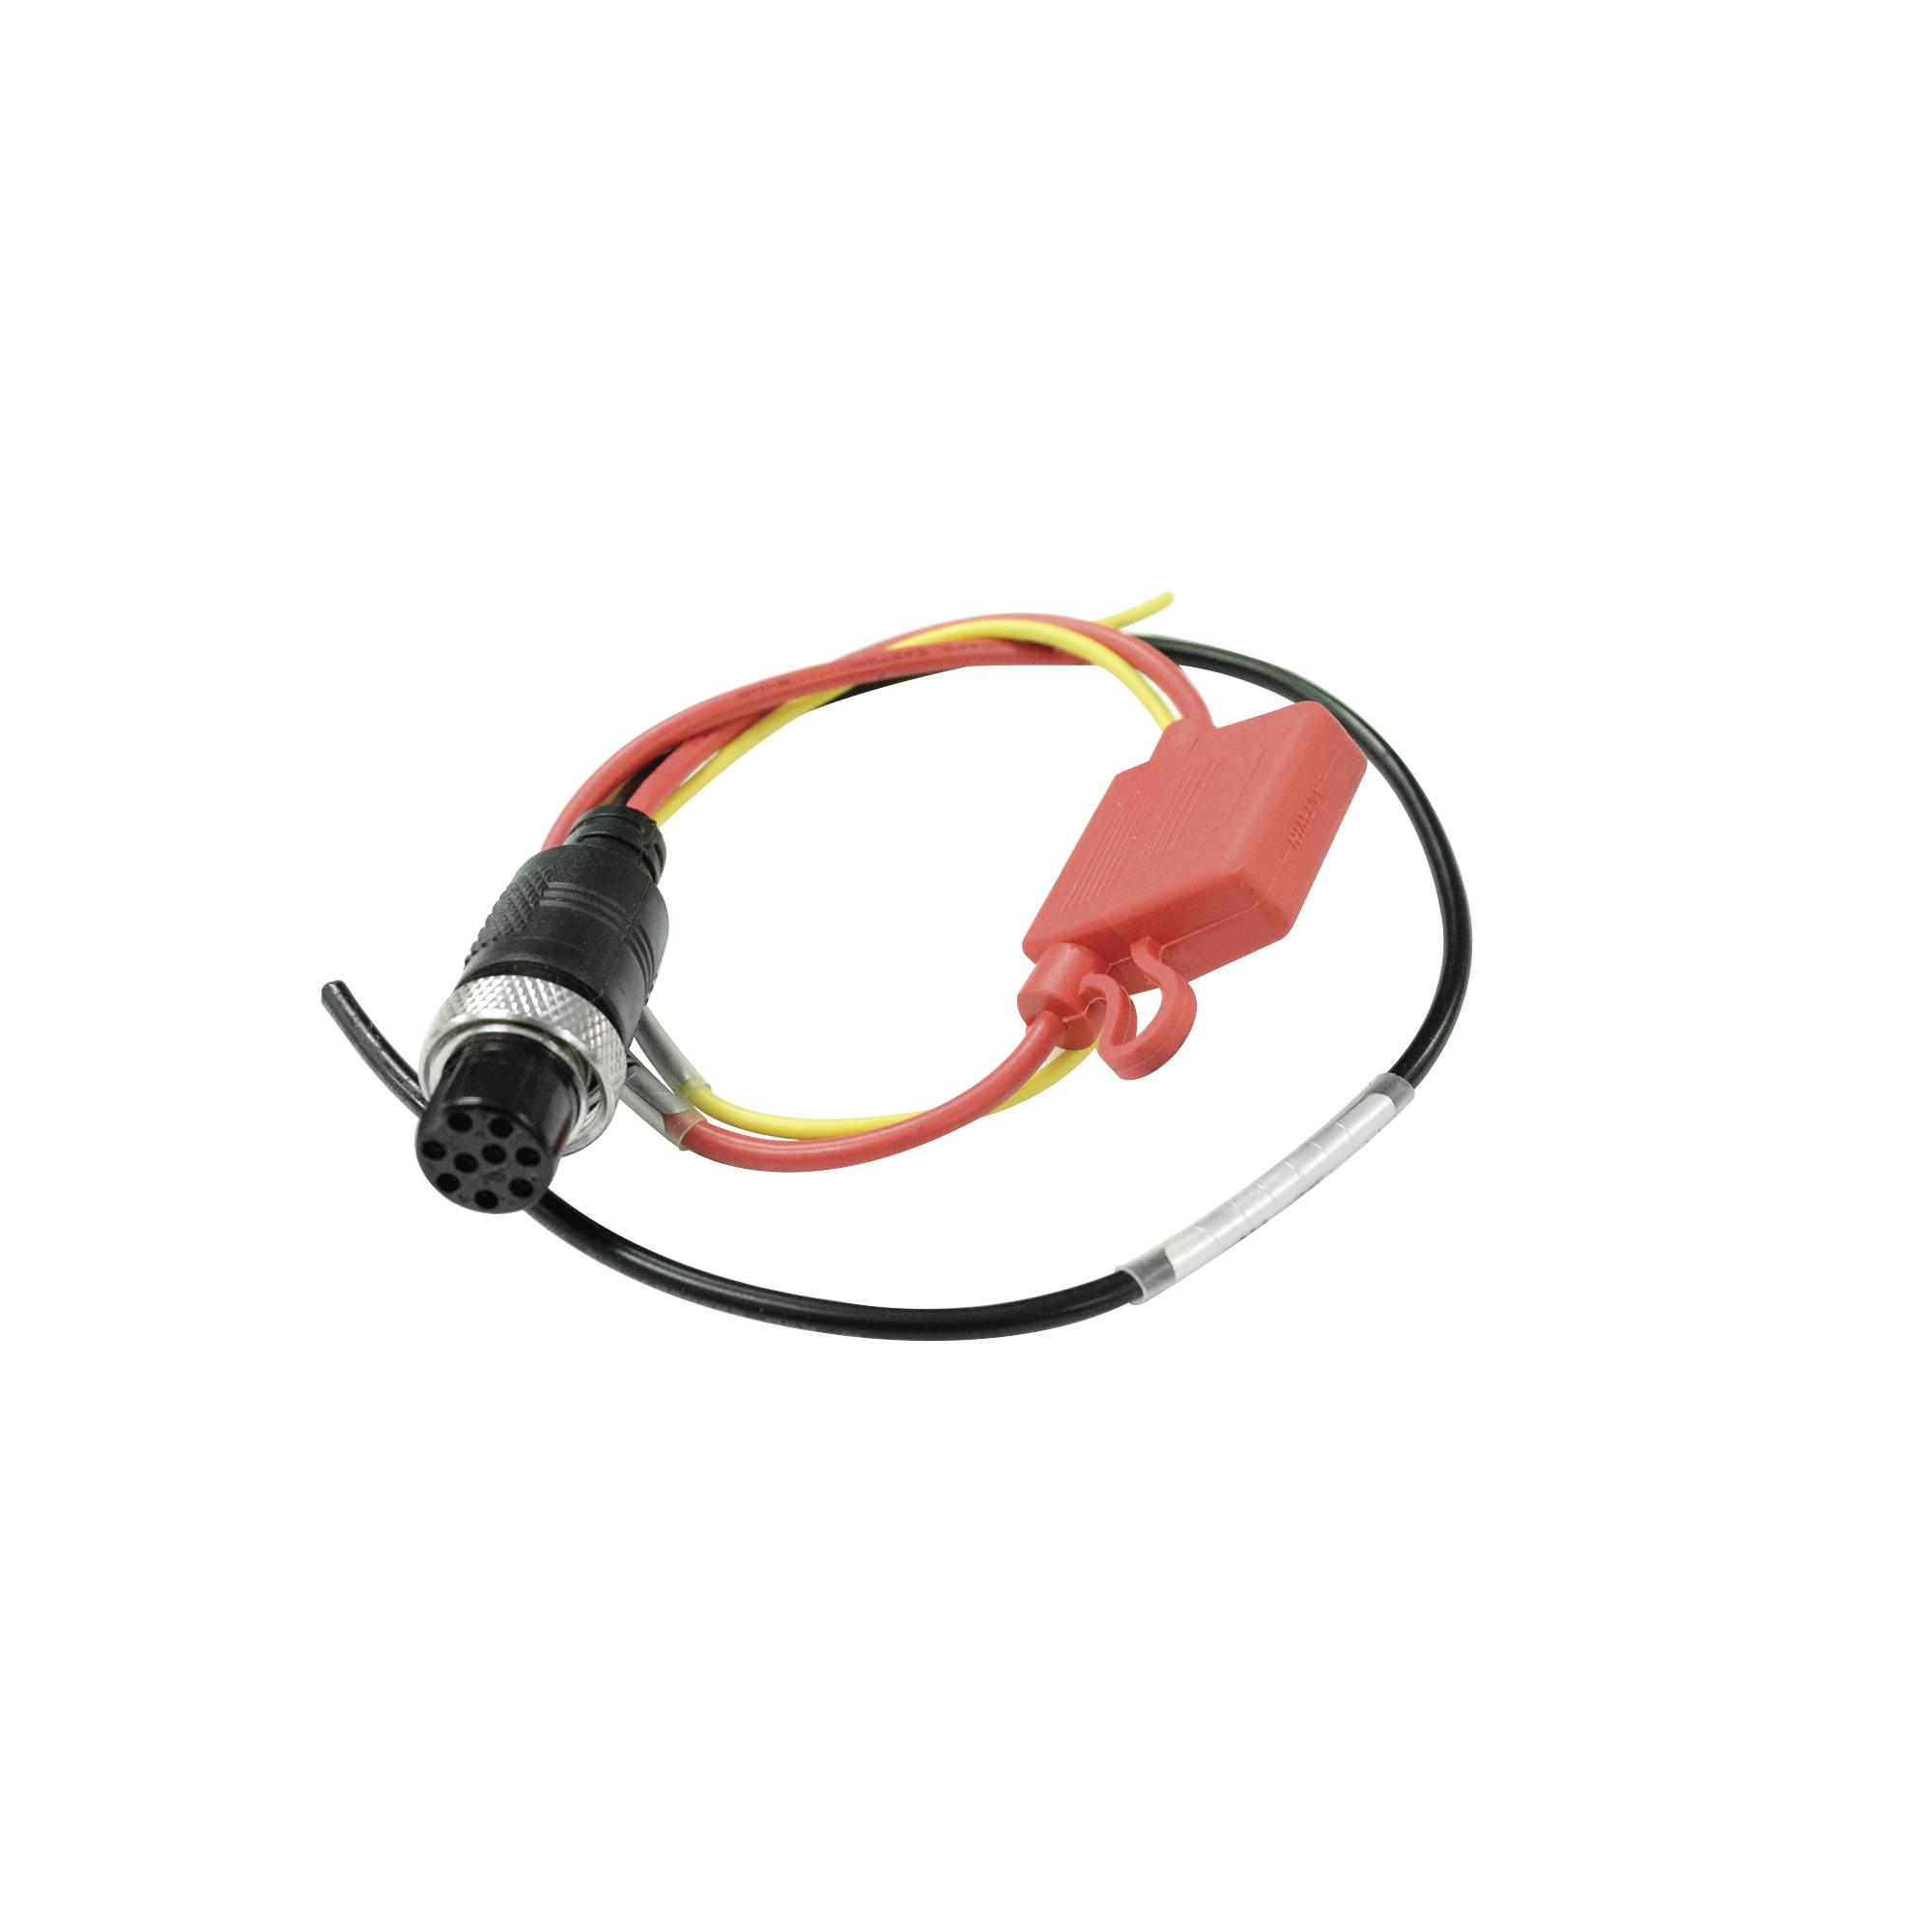 Cable de alimentación para XMR Series DVRs Moviles.